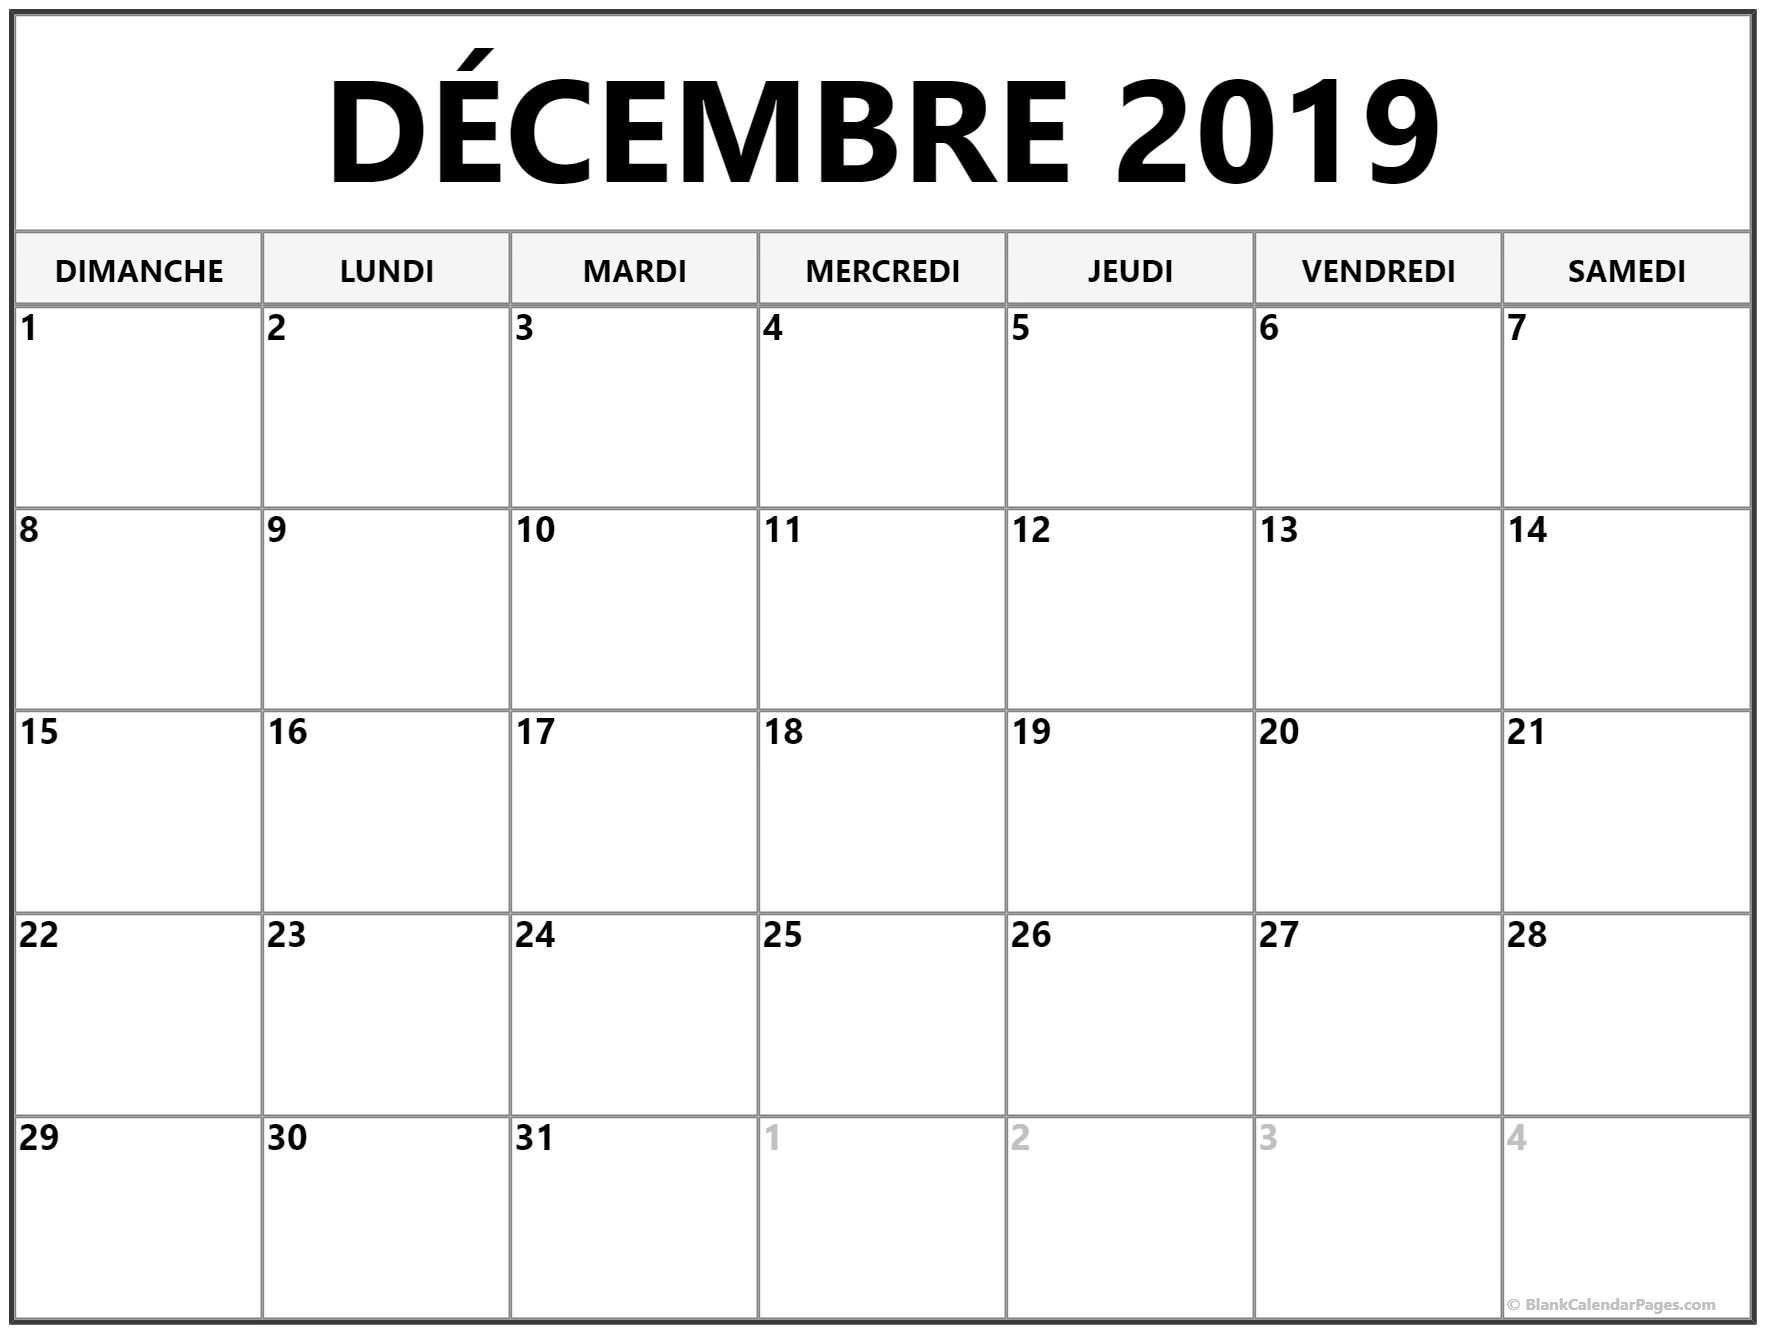 Décembre 2019 Calendrier Gratuit | Calendrier Imprimable concernant Calendrier D Anniversaire Gratuit À Imprimer